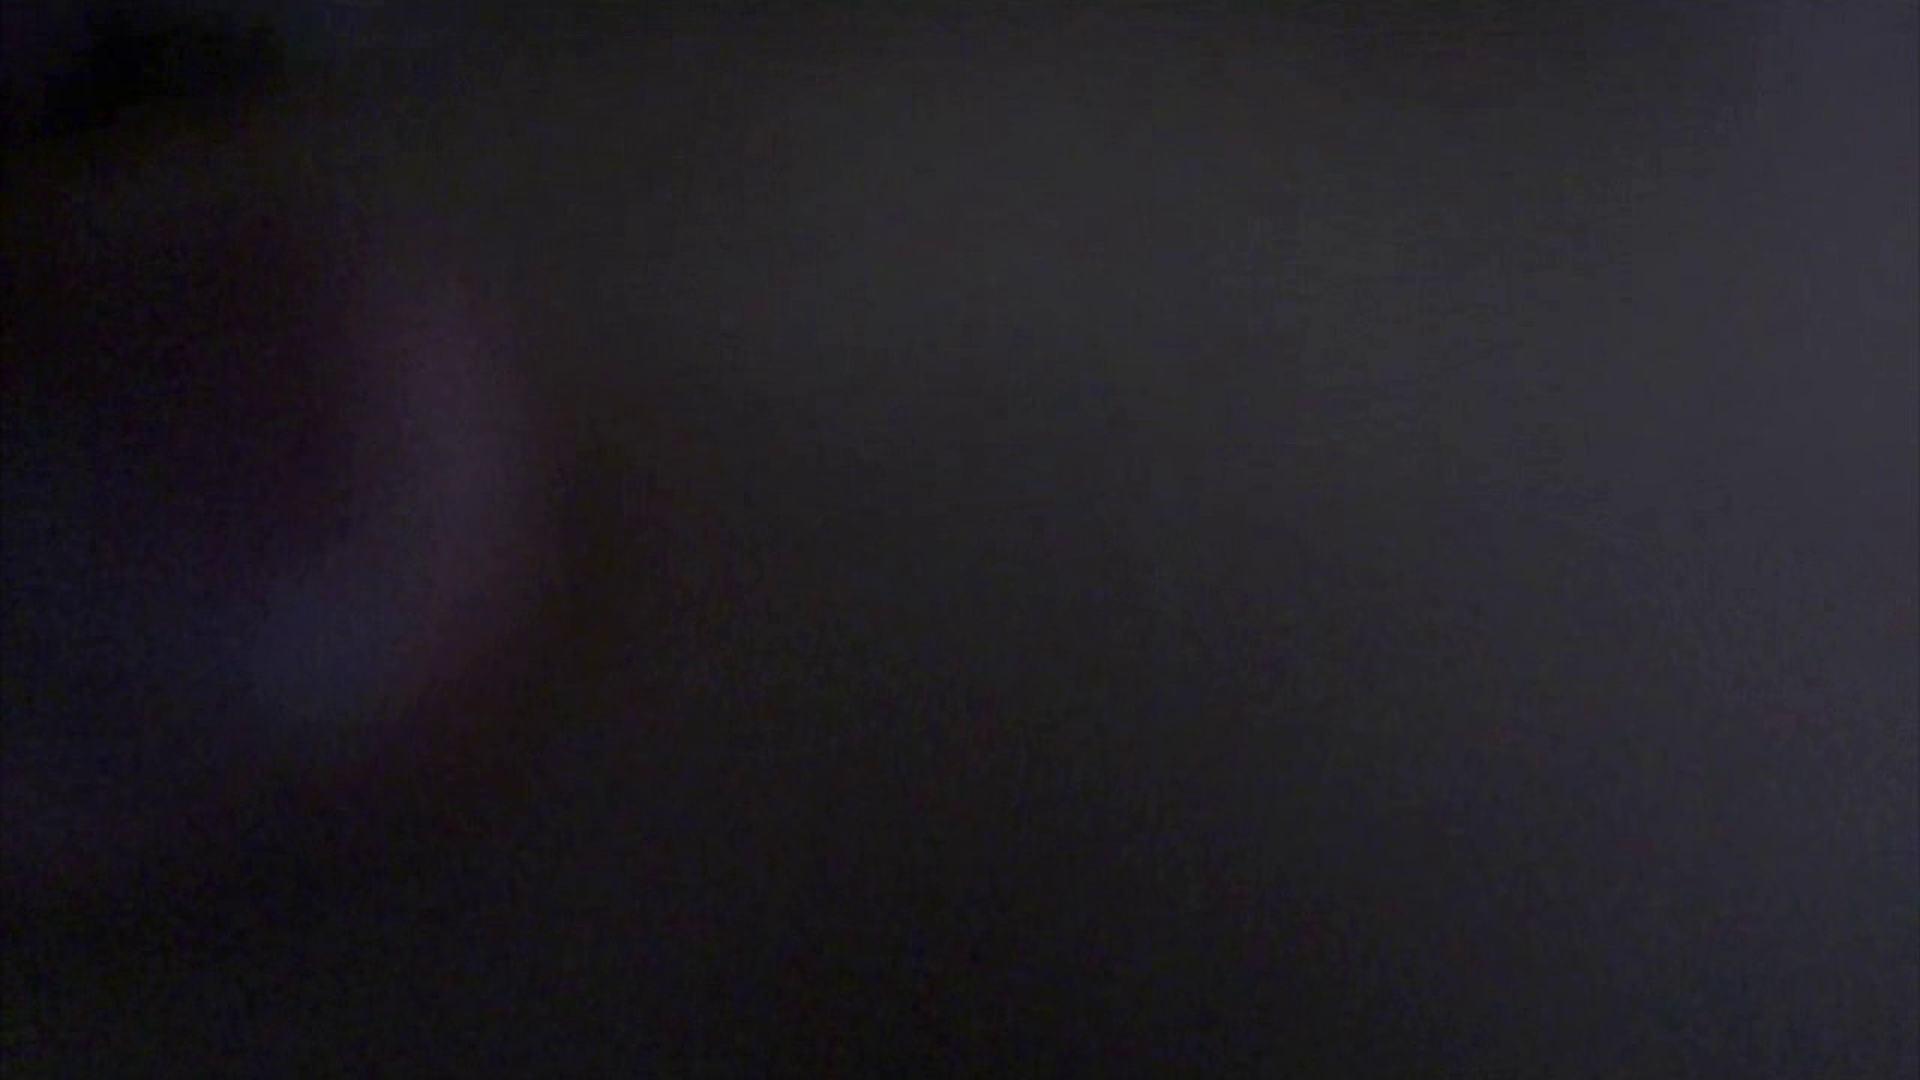 vol.6 -後編-ユリナちゃん妊娠したら責任取るからね・・・【MKB44位】 美乳 濡れ場動画紹介 100画像 35